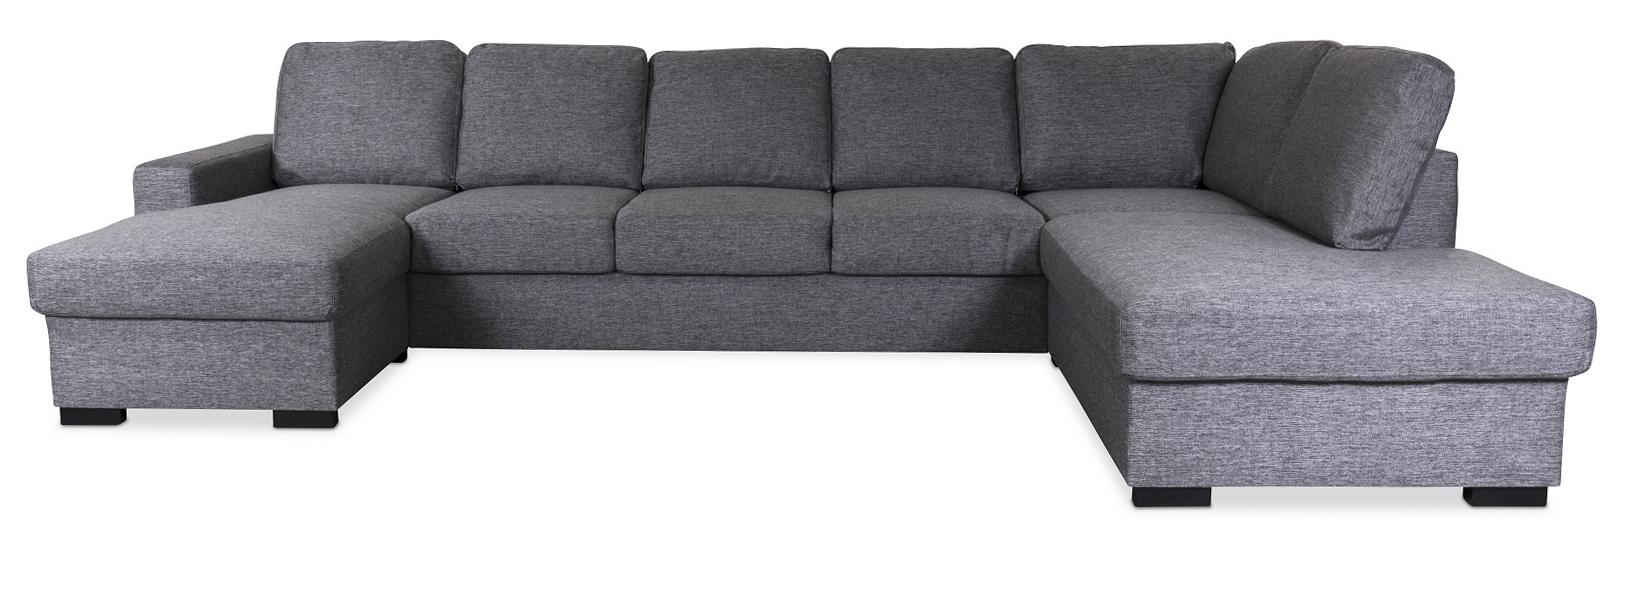 Zack dubbeldivan soffa medöppetavslut höger Grå 6990